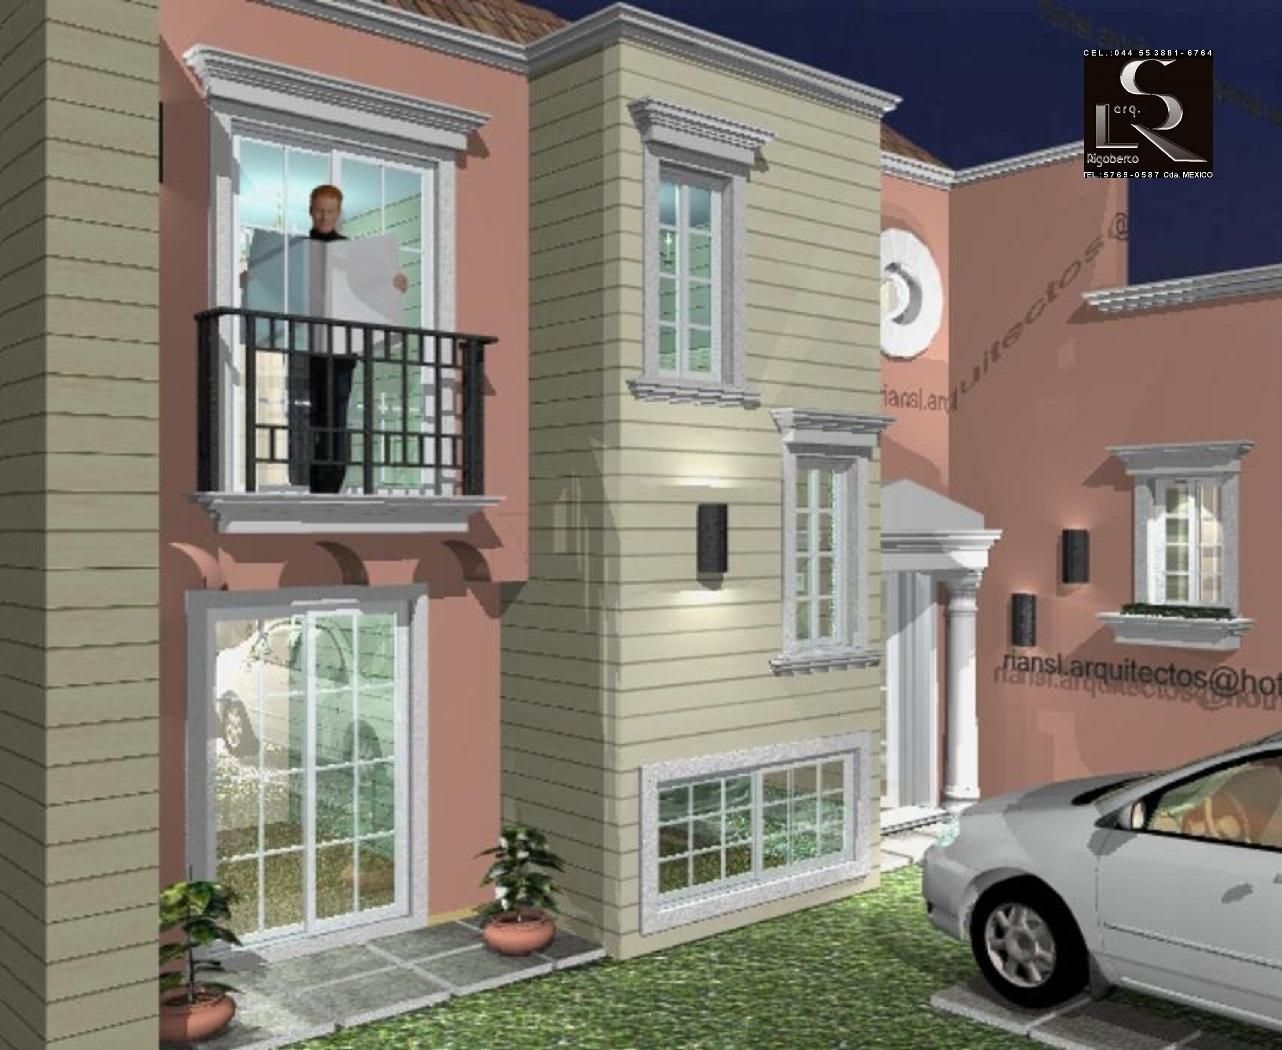 CREAMOS ESPACIOS EN 3D, QUE INSPIRAN,ELEGANTES Y LUJOSOS, DE CASA HABITACIÓN EN 3D